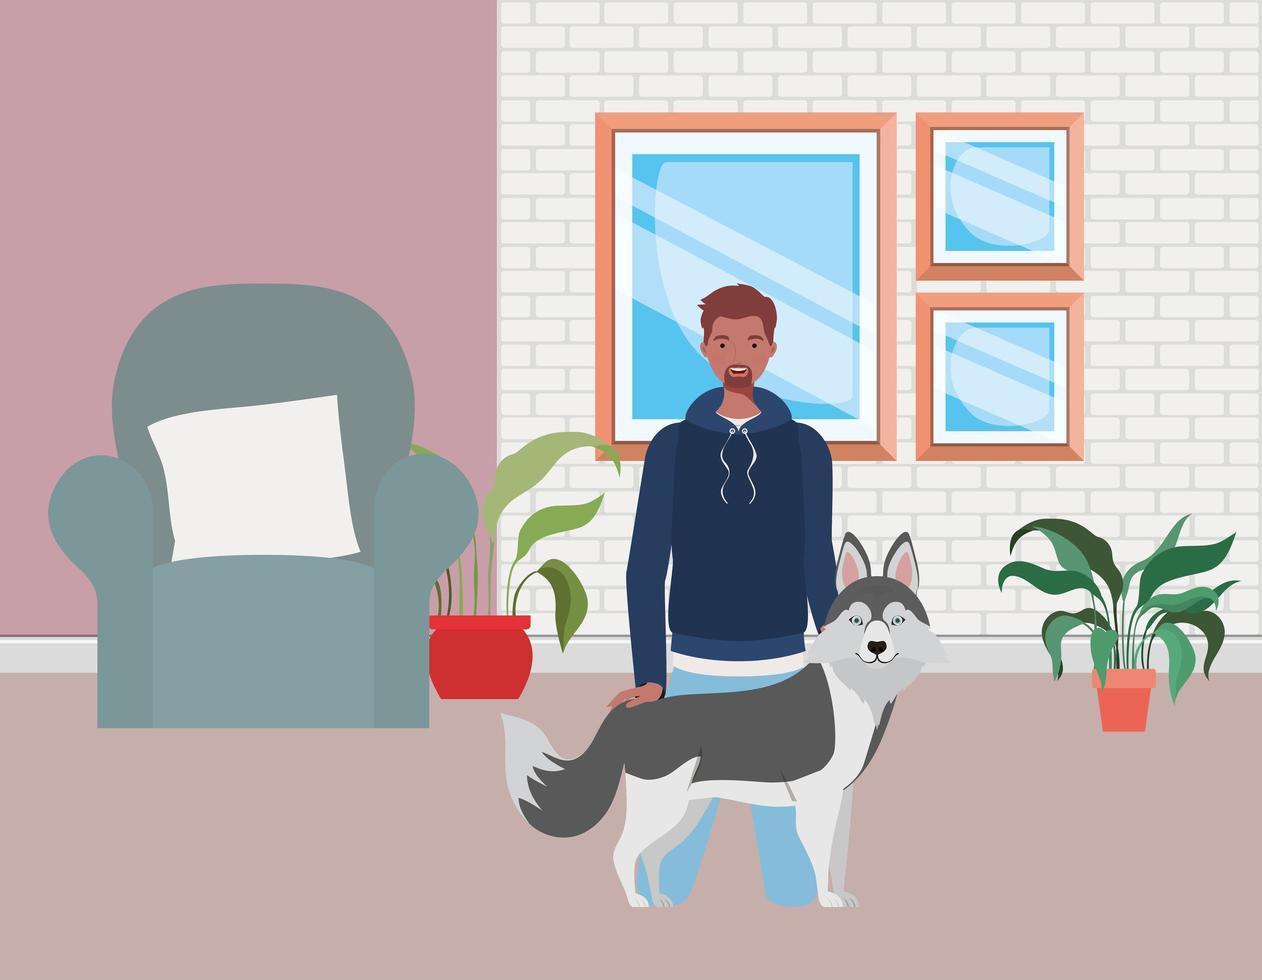 jovem com cachorro fofo mascote na sala de estar vetor